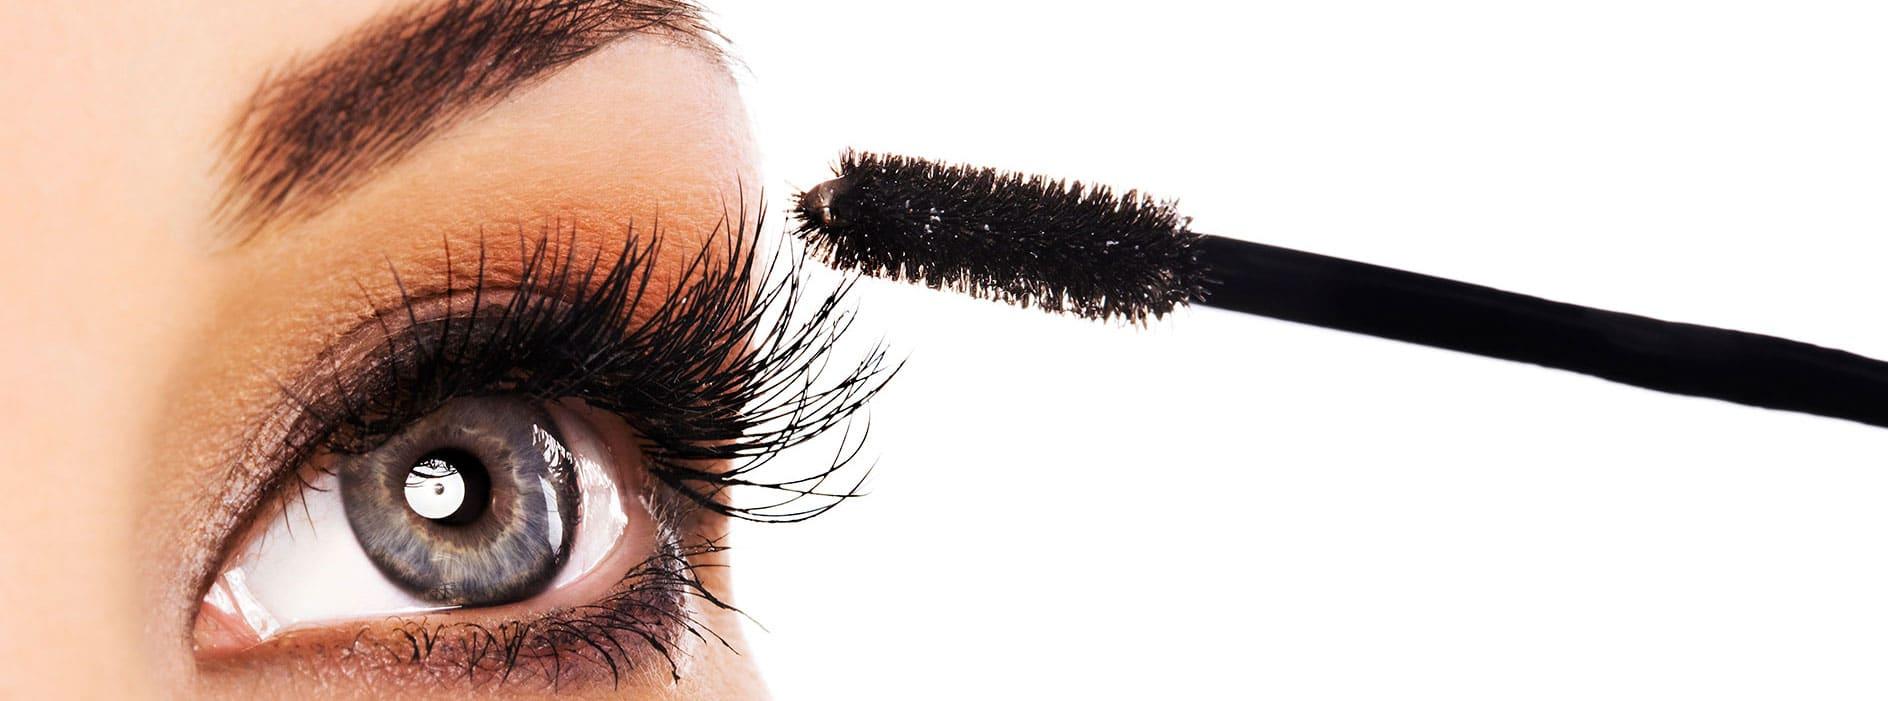 MiMax Make Up Mascara